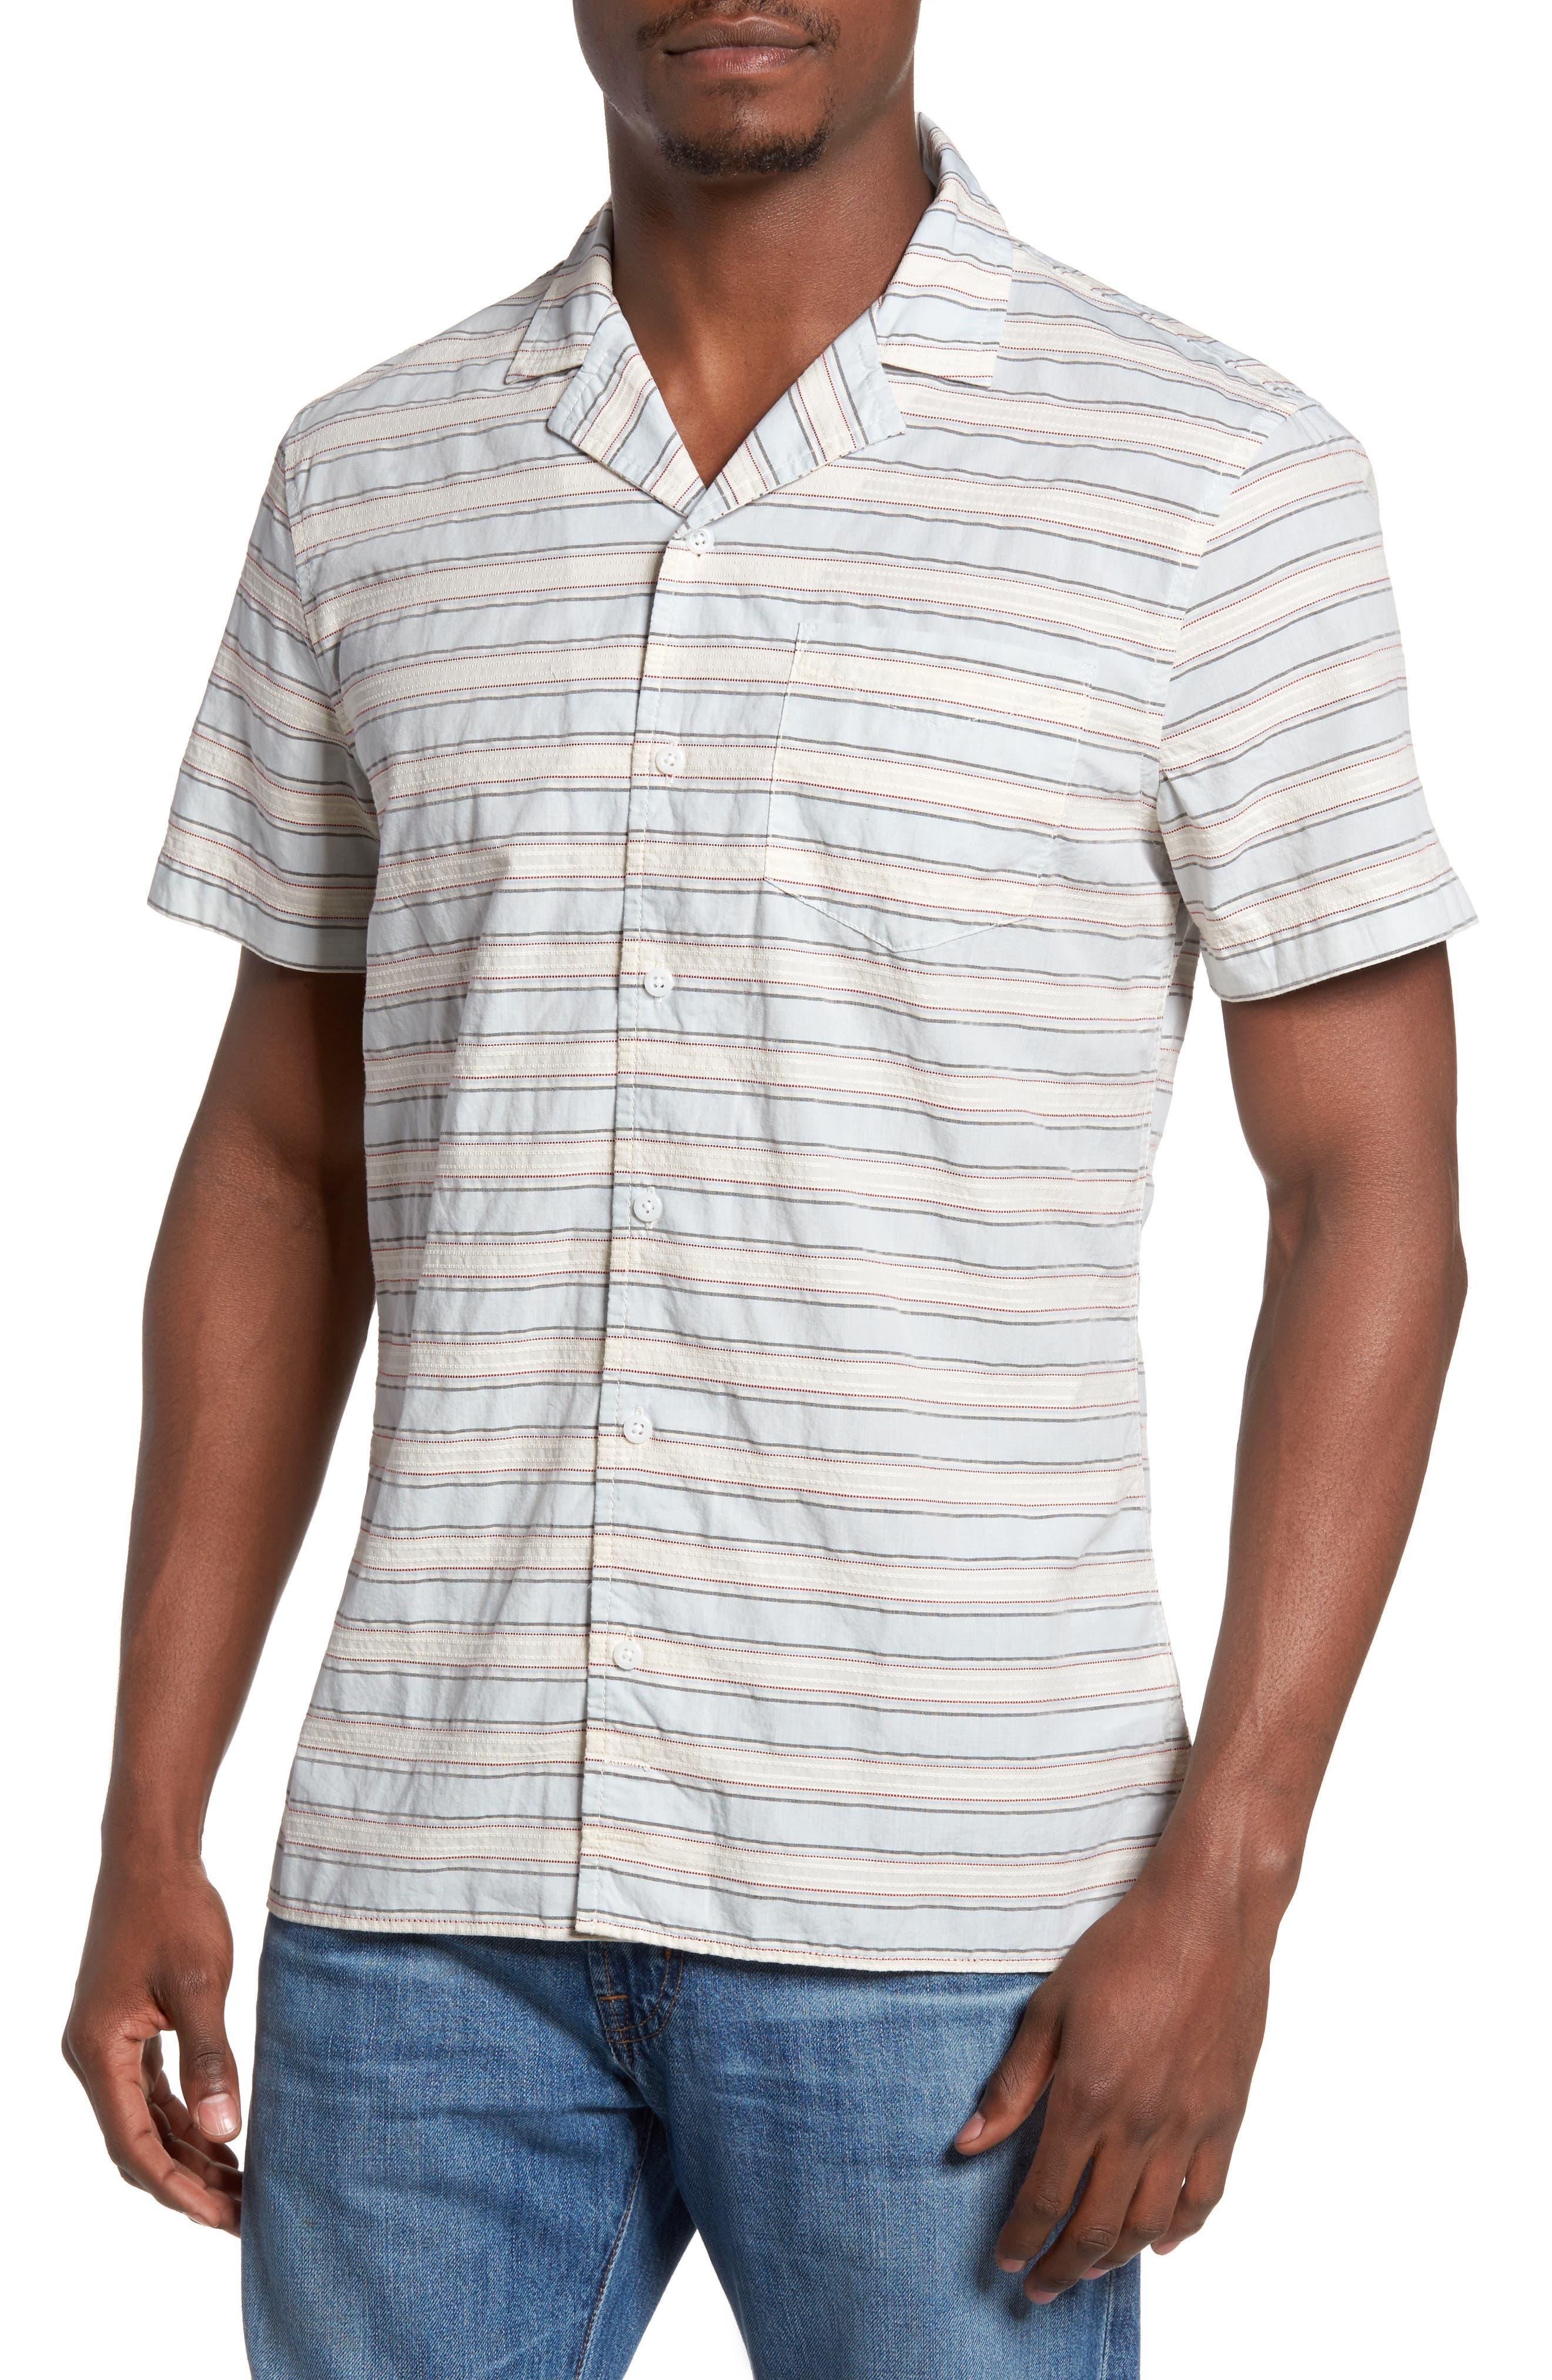 Jacquard Stripe Camp Shirt,                         Main,                         color, Blue Dusk Jacquard Stripe